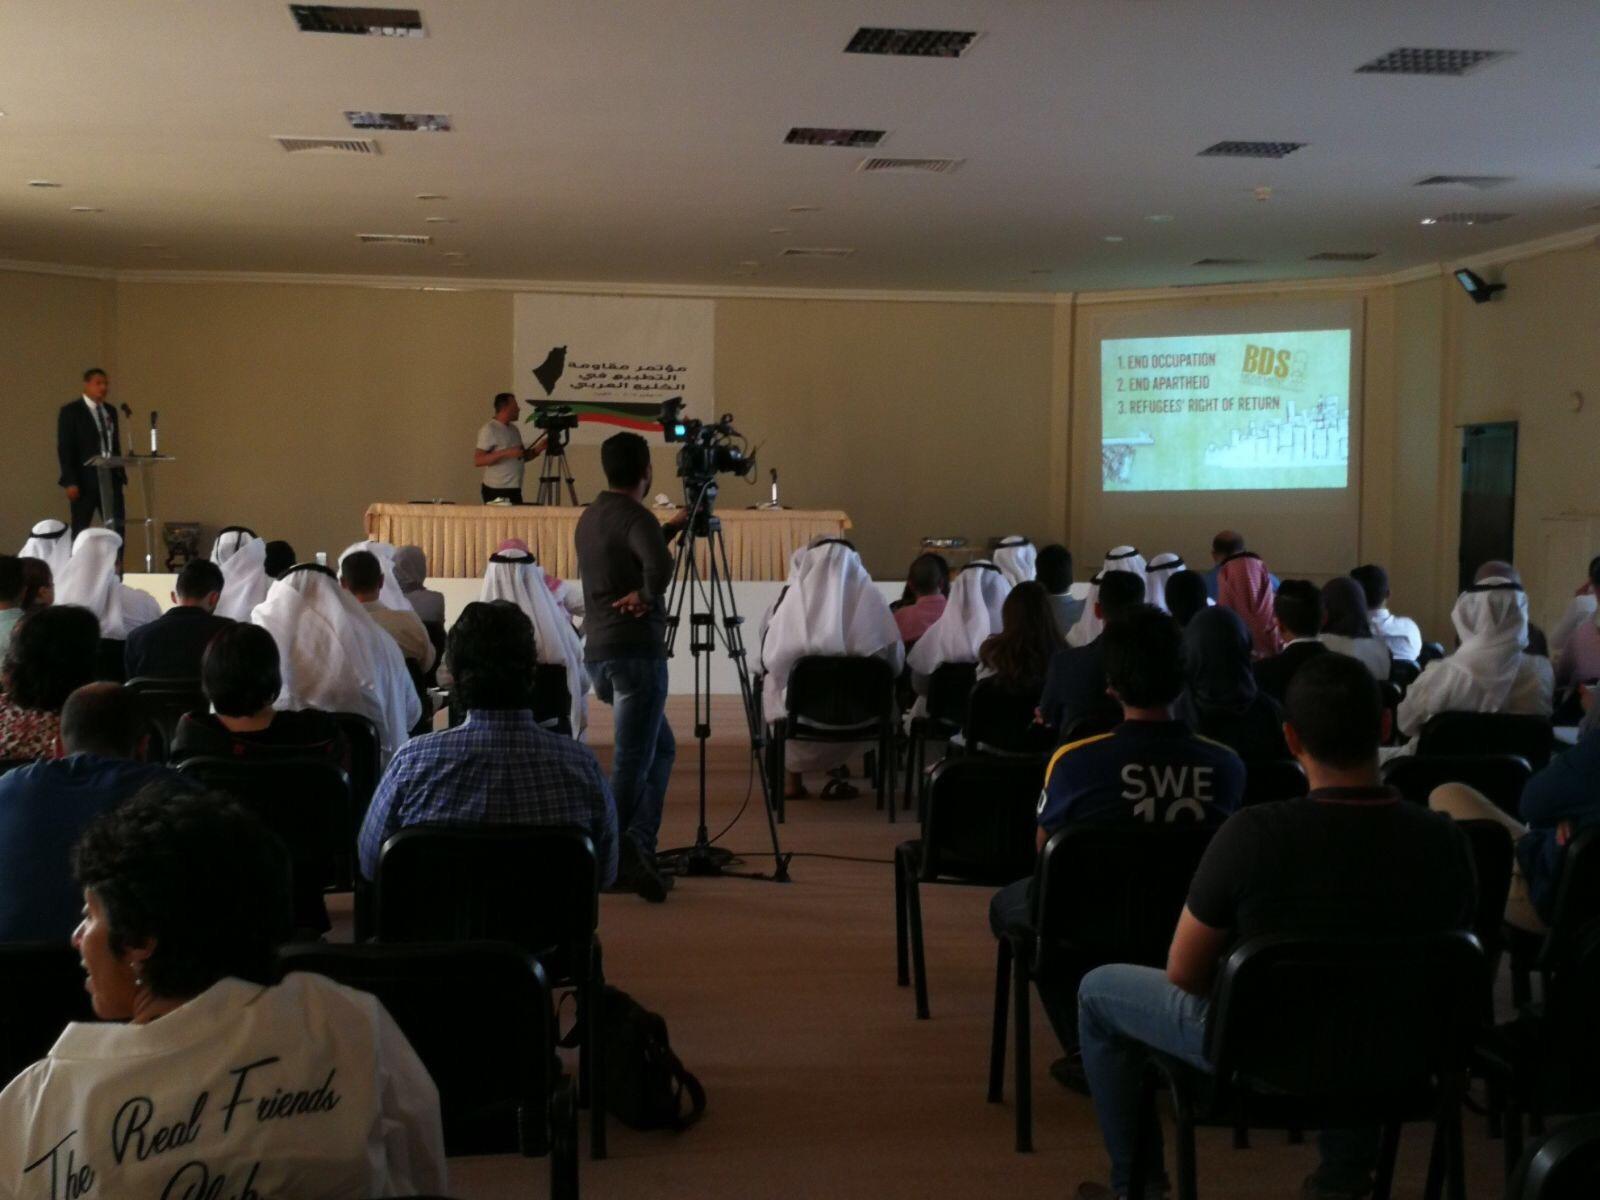 ناشطون خليجيون يرفضون التطبيع مع إسرائيل ويعقدون مؤتمرهم الأول في الكويت